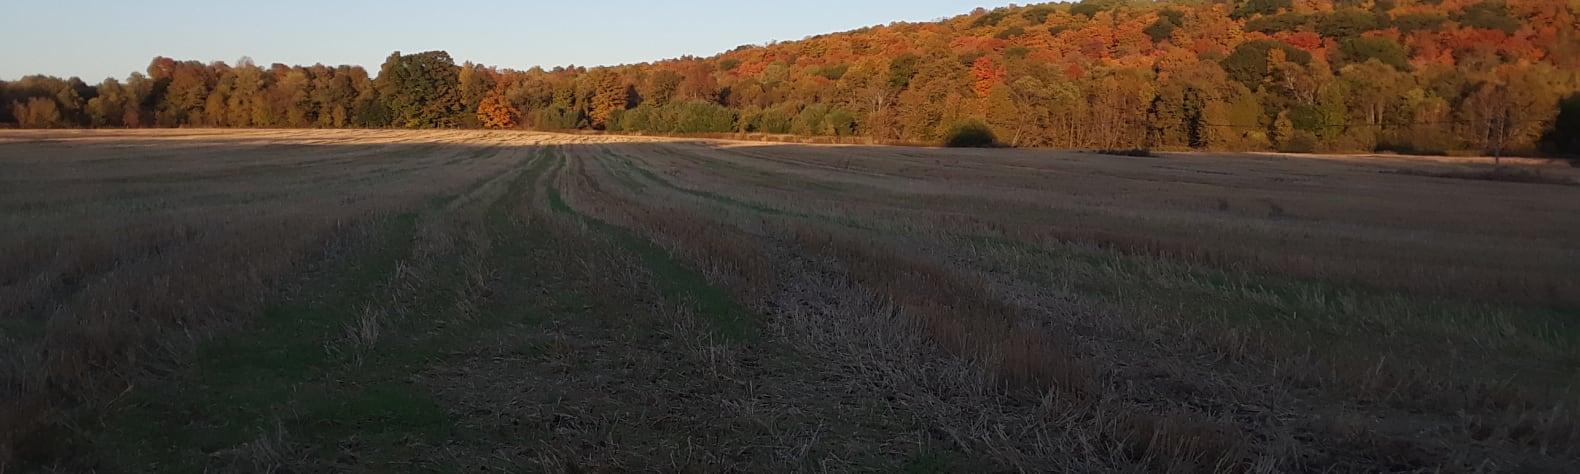 Wolfgang C.'s Land